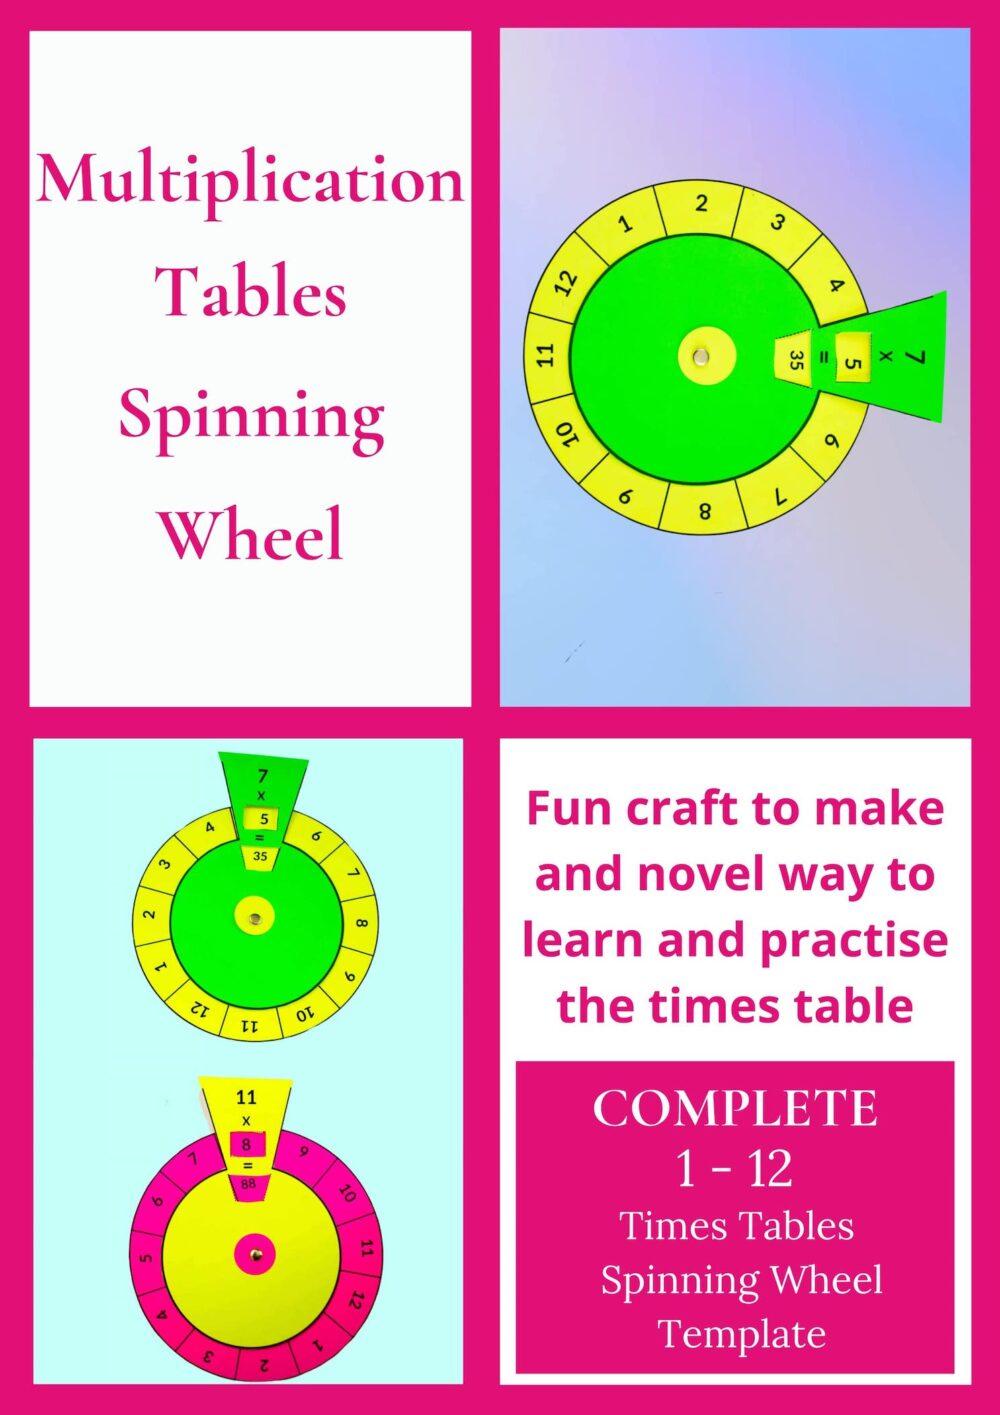 multiplication tables spinning wheel